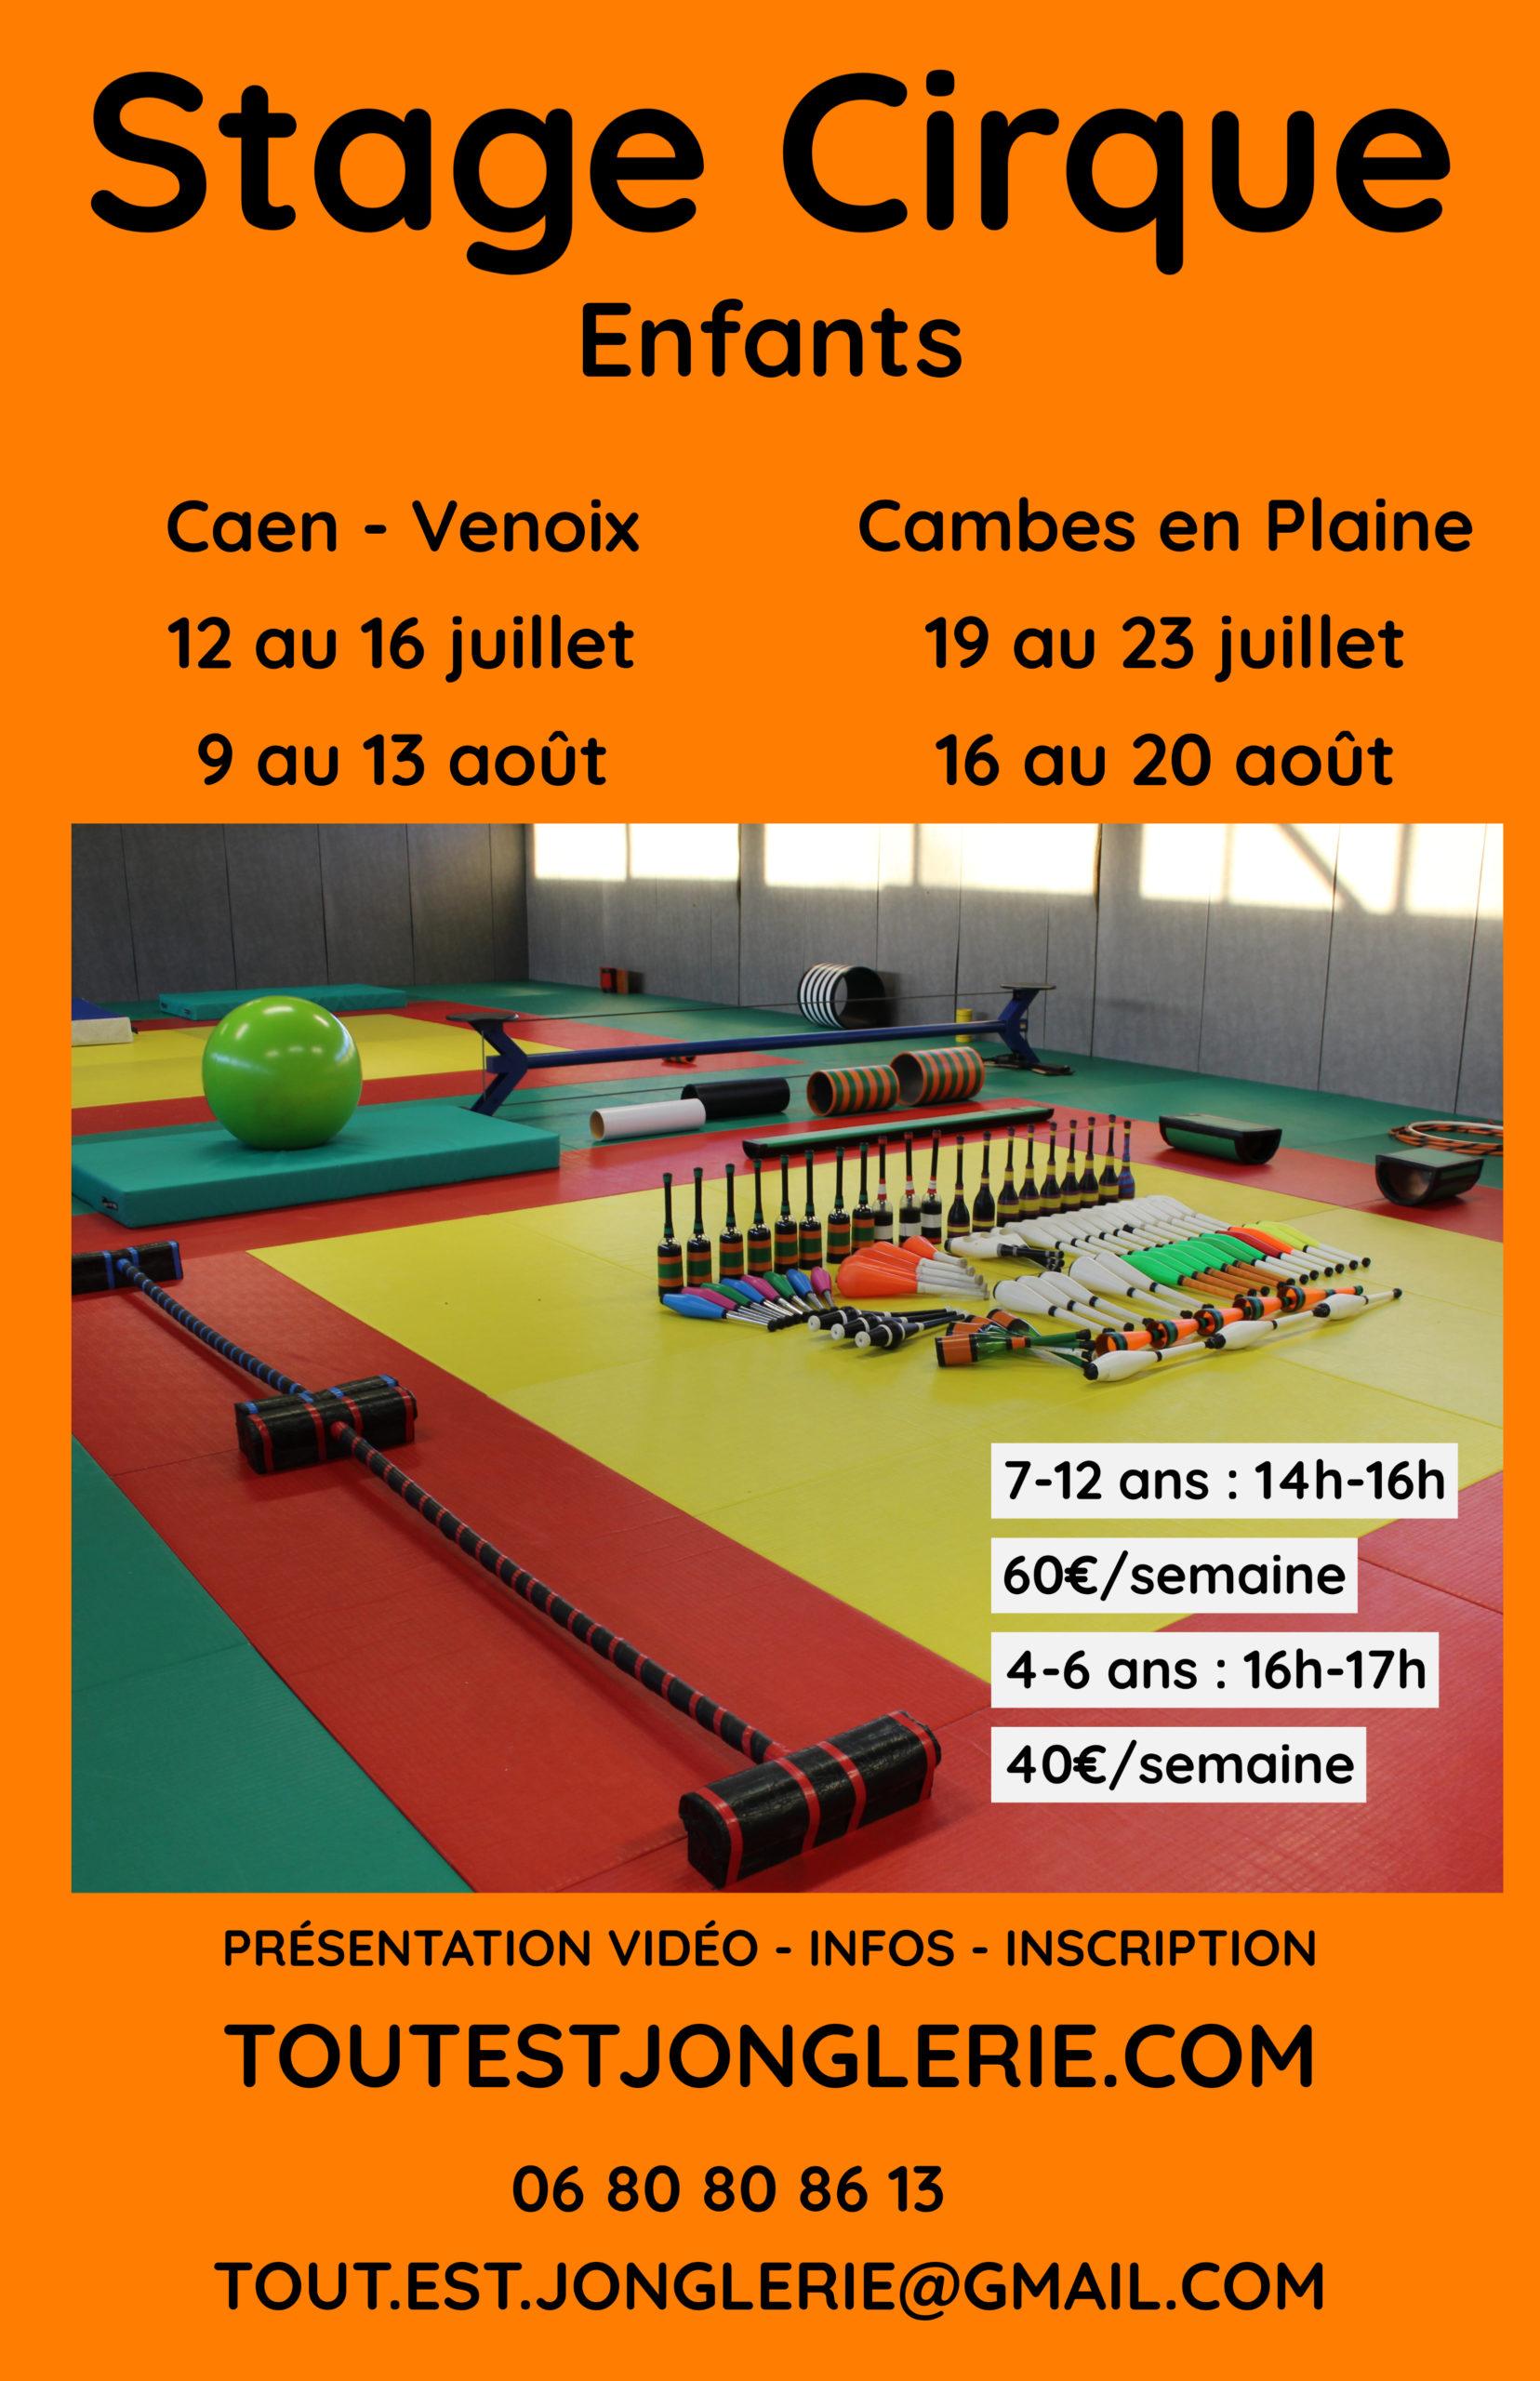 Stage cirque Vacances 2021 Tout Est Jonglerie Caen Cambes en Plaine